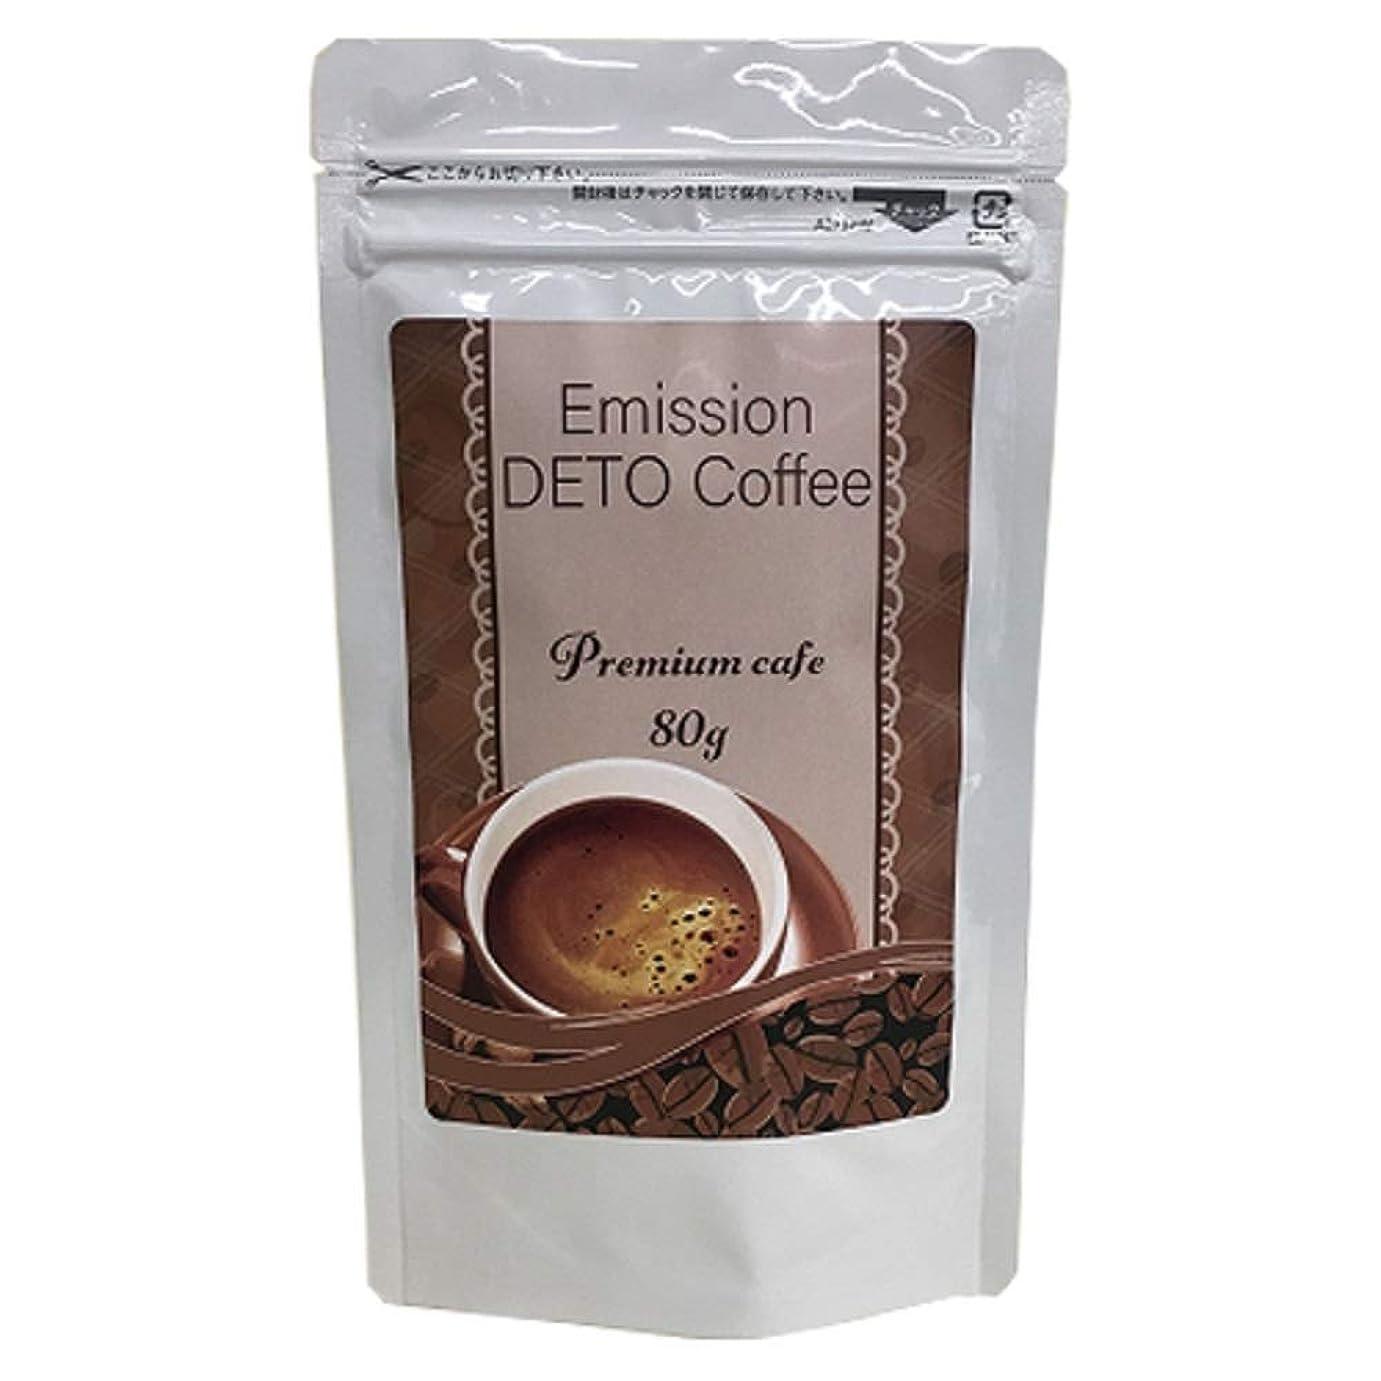 紛争抑制する鉛筆エミッションデトコーヒー ダイエットコーヒー